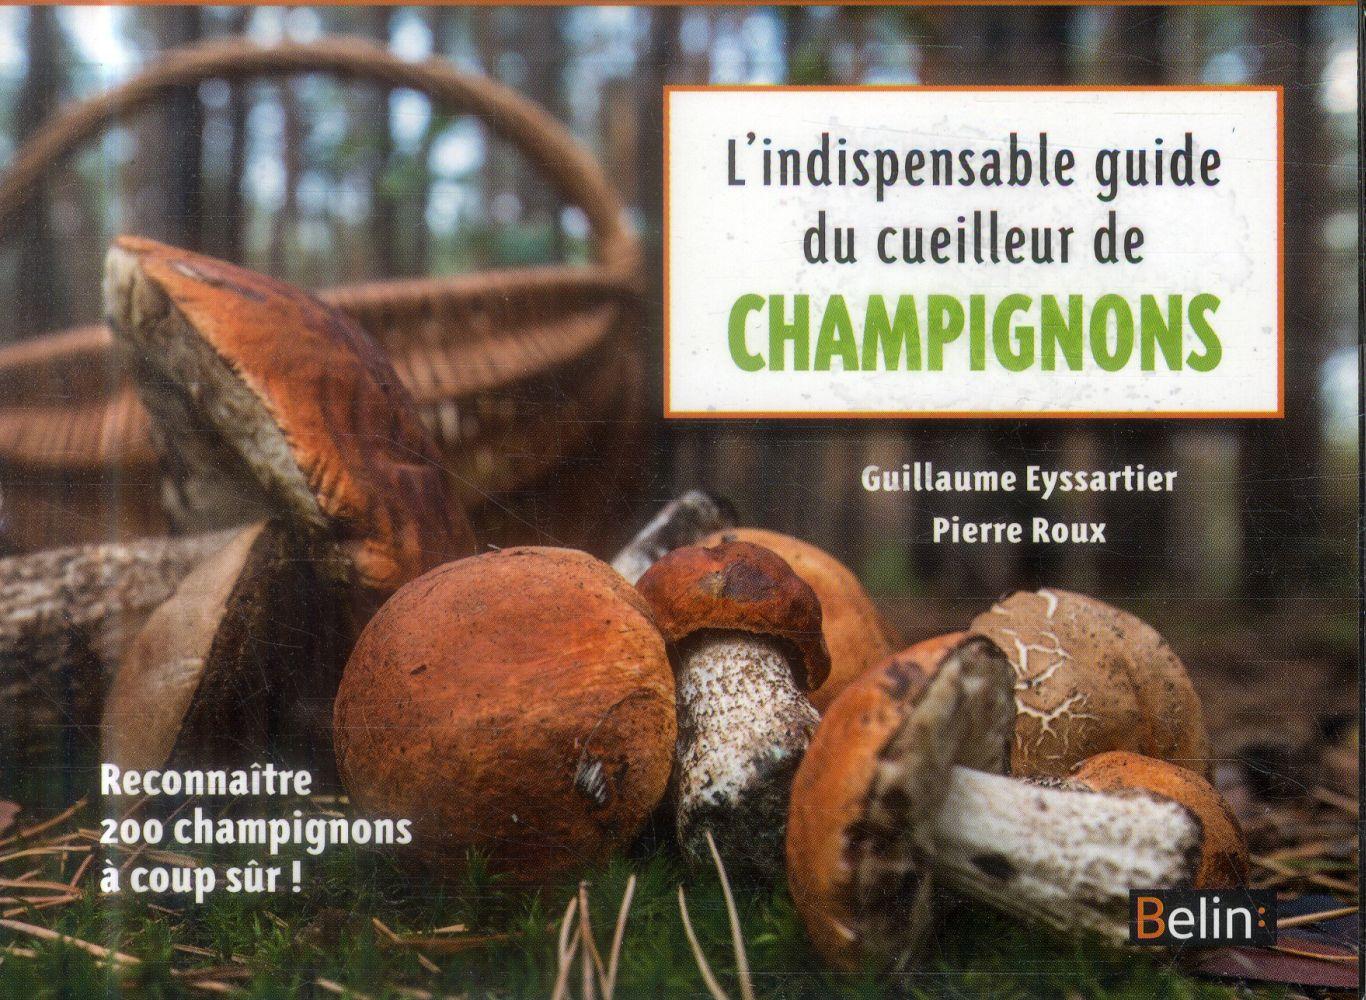 L INDISPENSABLE GUIDE DU CUEILLEUR DE CHAMPIGNONS - RECONNAITRE 200 CHAMPIGNONS A COUP SUR